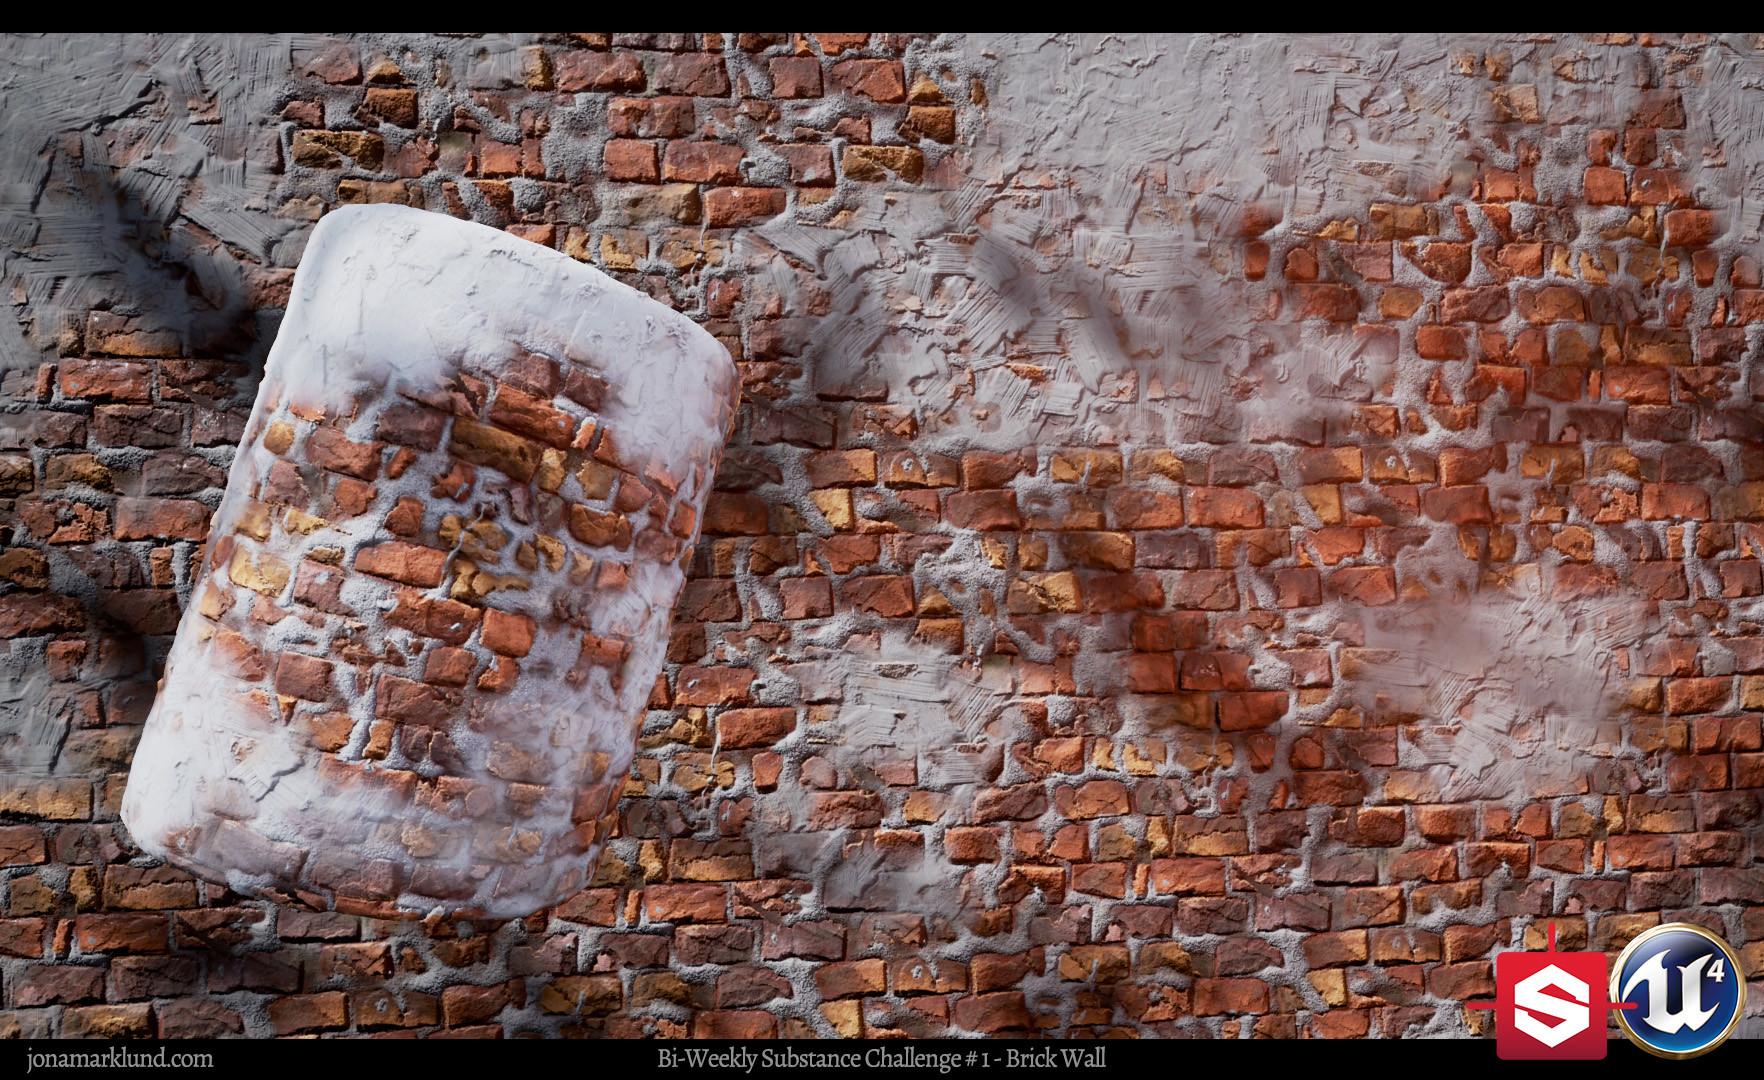 Jona marklund biweeklysubstance01 brickwall v08